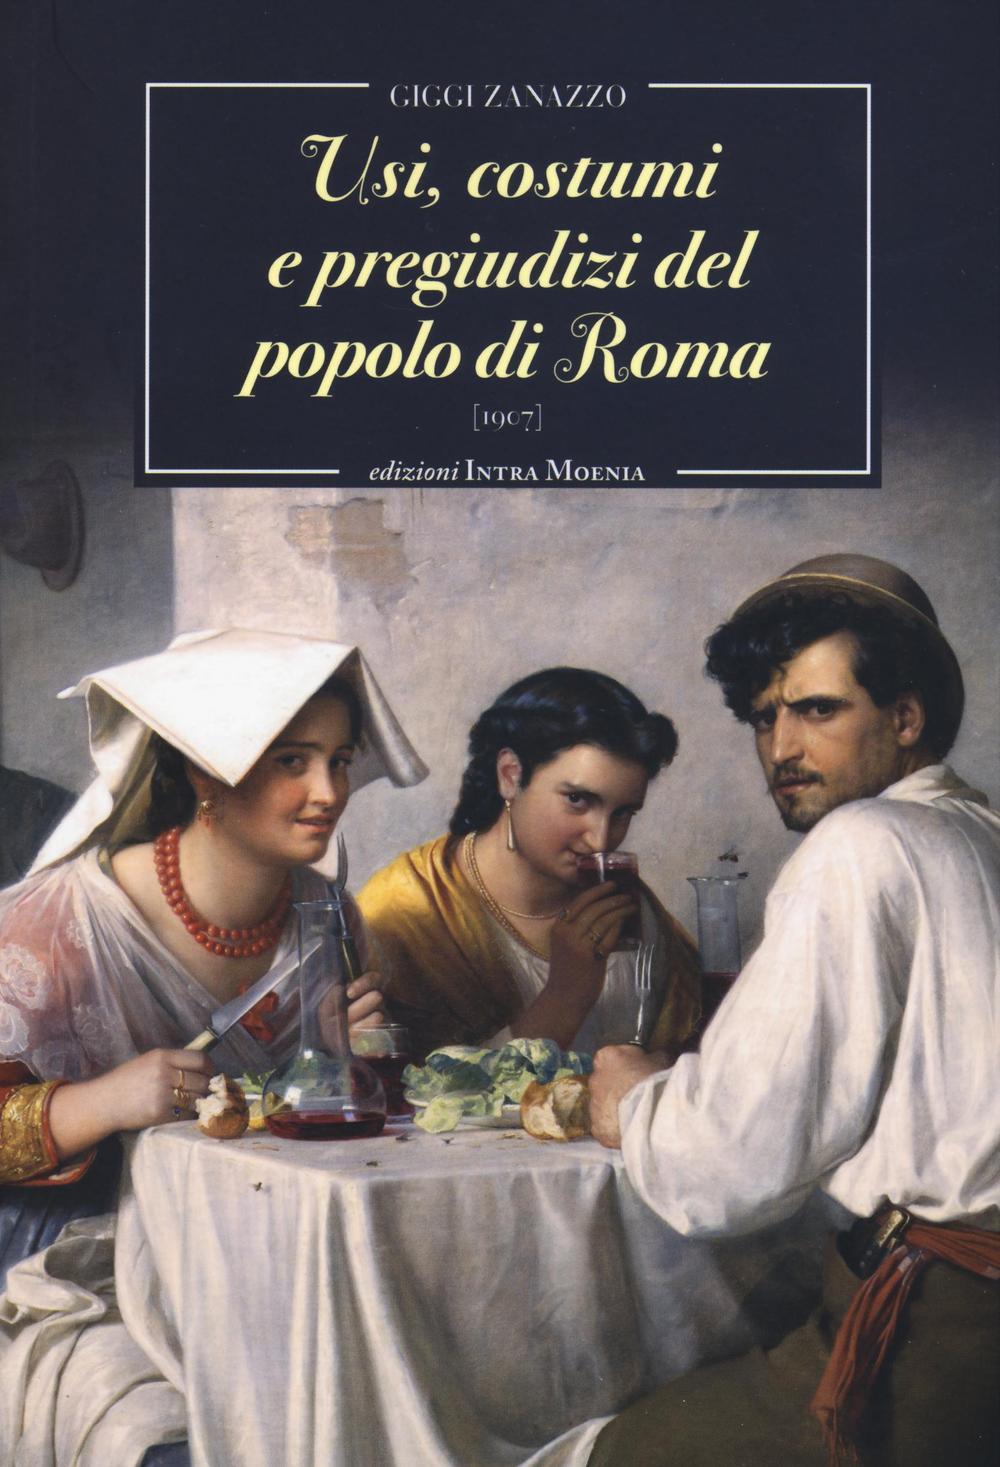 USI, COSTUMI E PREGIUDIZI DEL POPOLO DI ROMA - 9788874211616